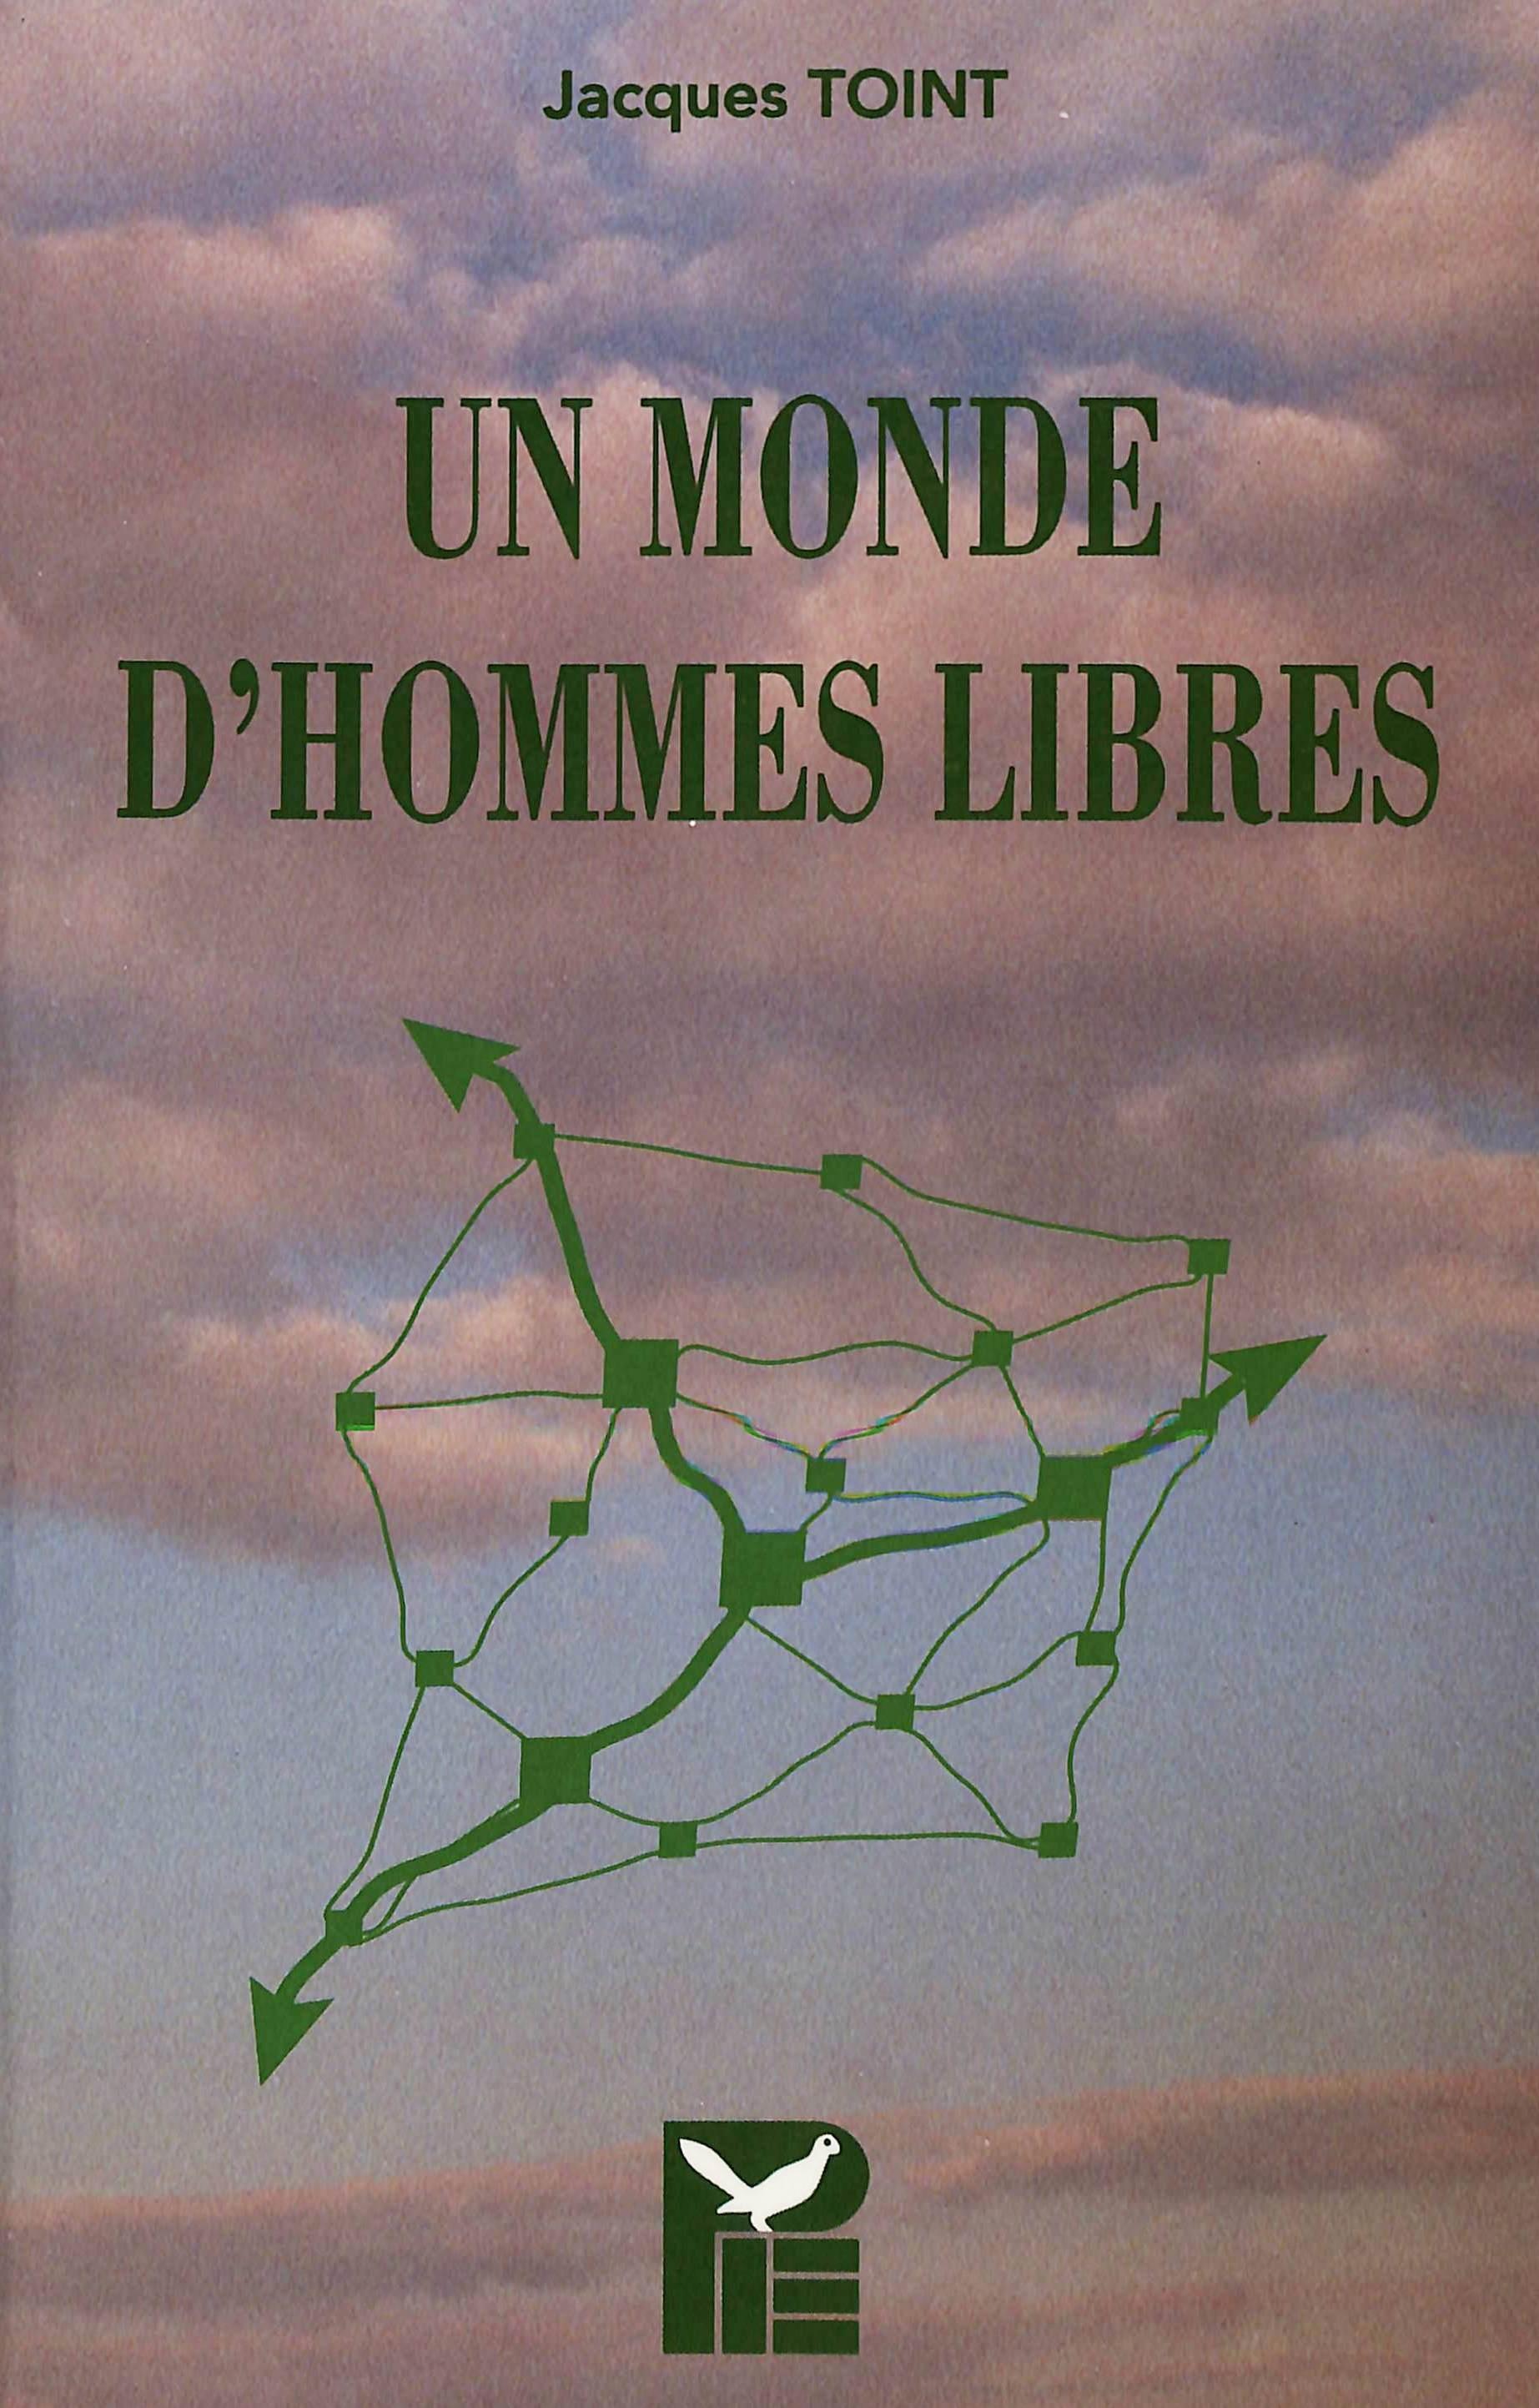 UN MONDE D'HOMMES LIBRES